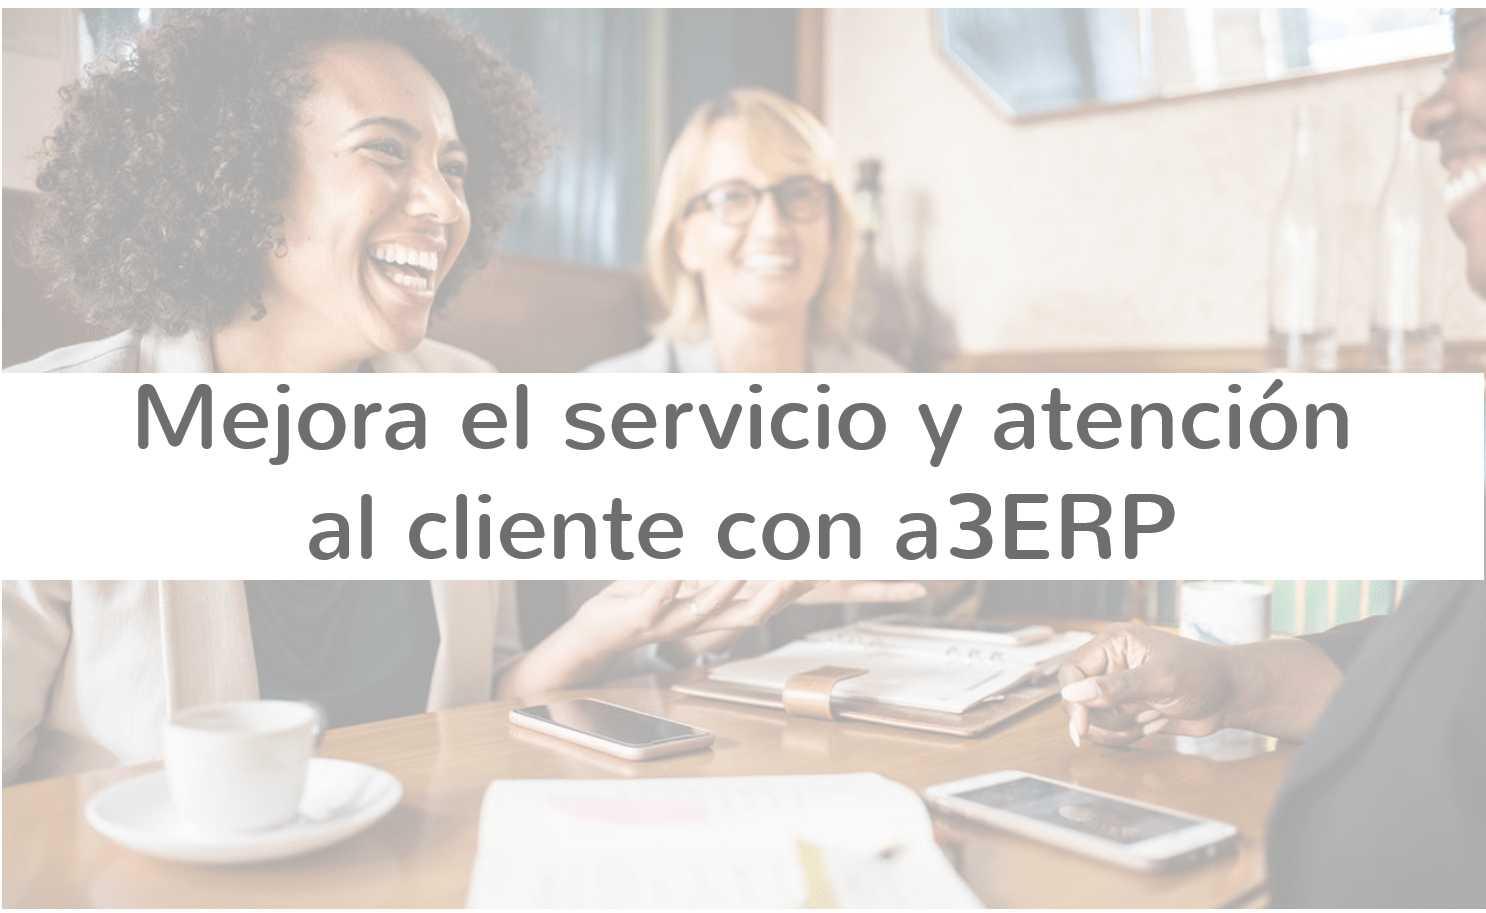 Mejora el servicio y atención al cliente con a3ERP